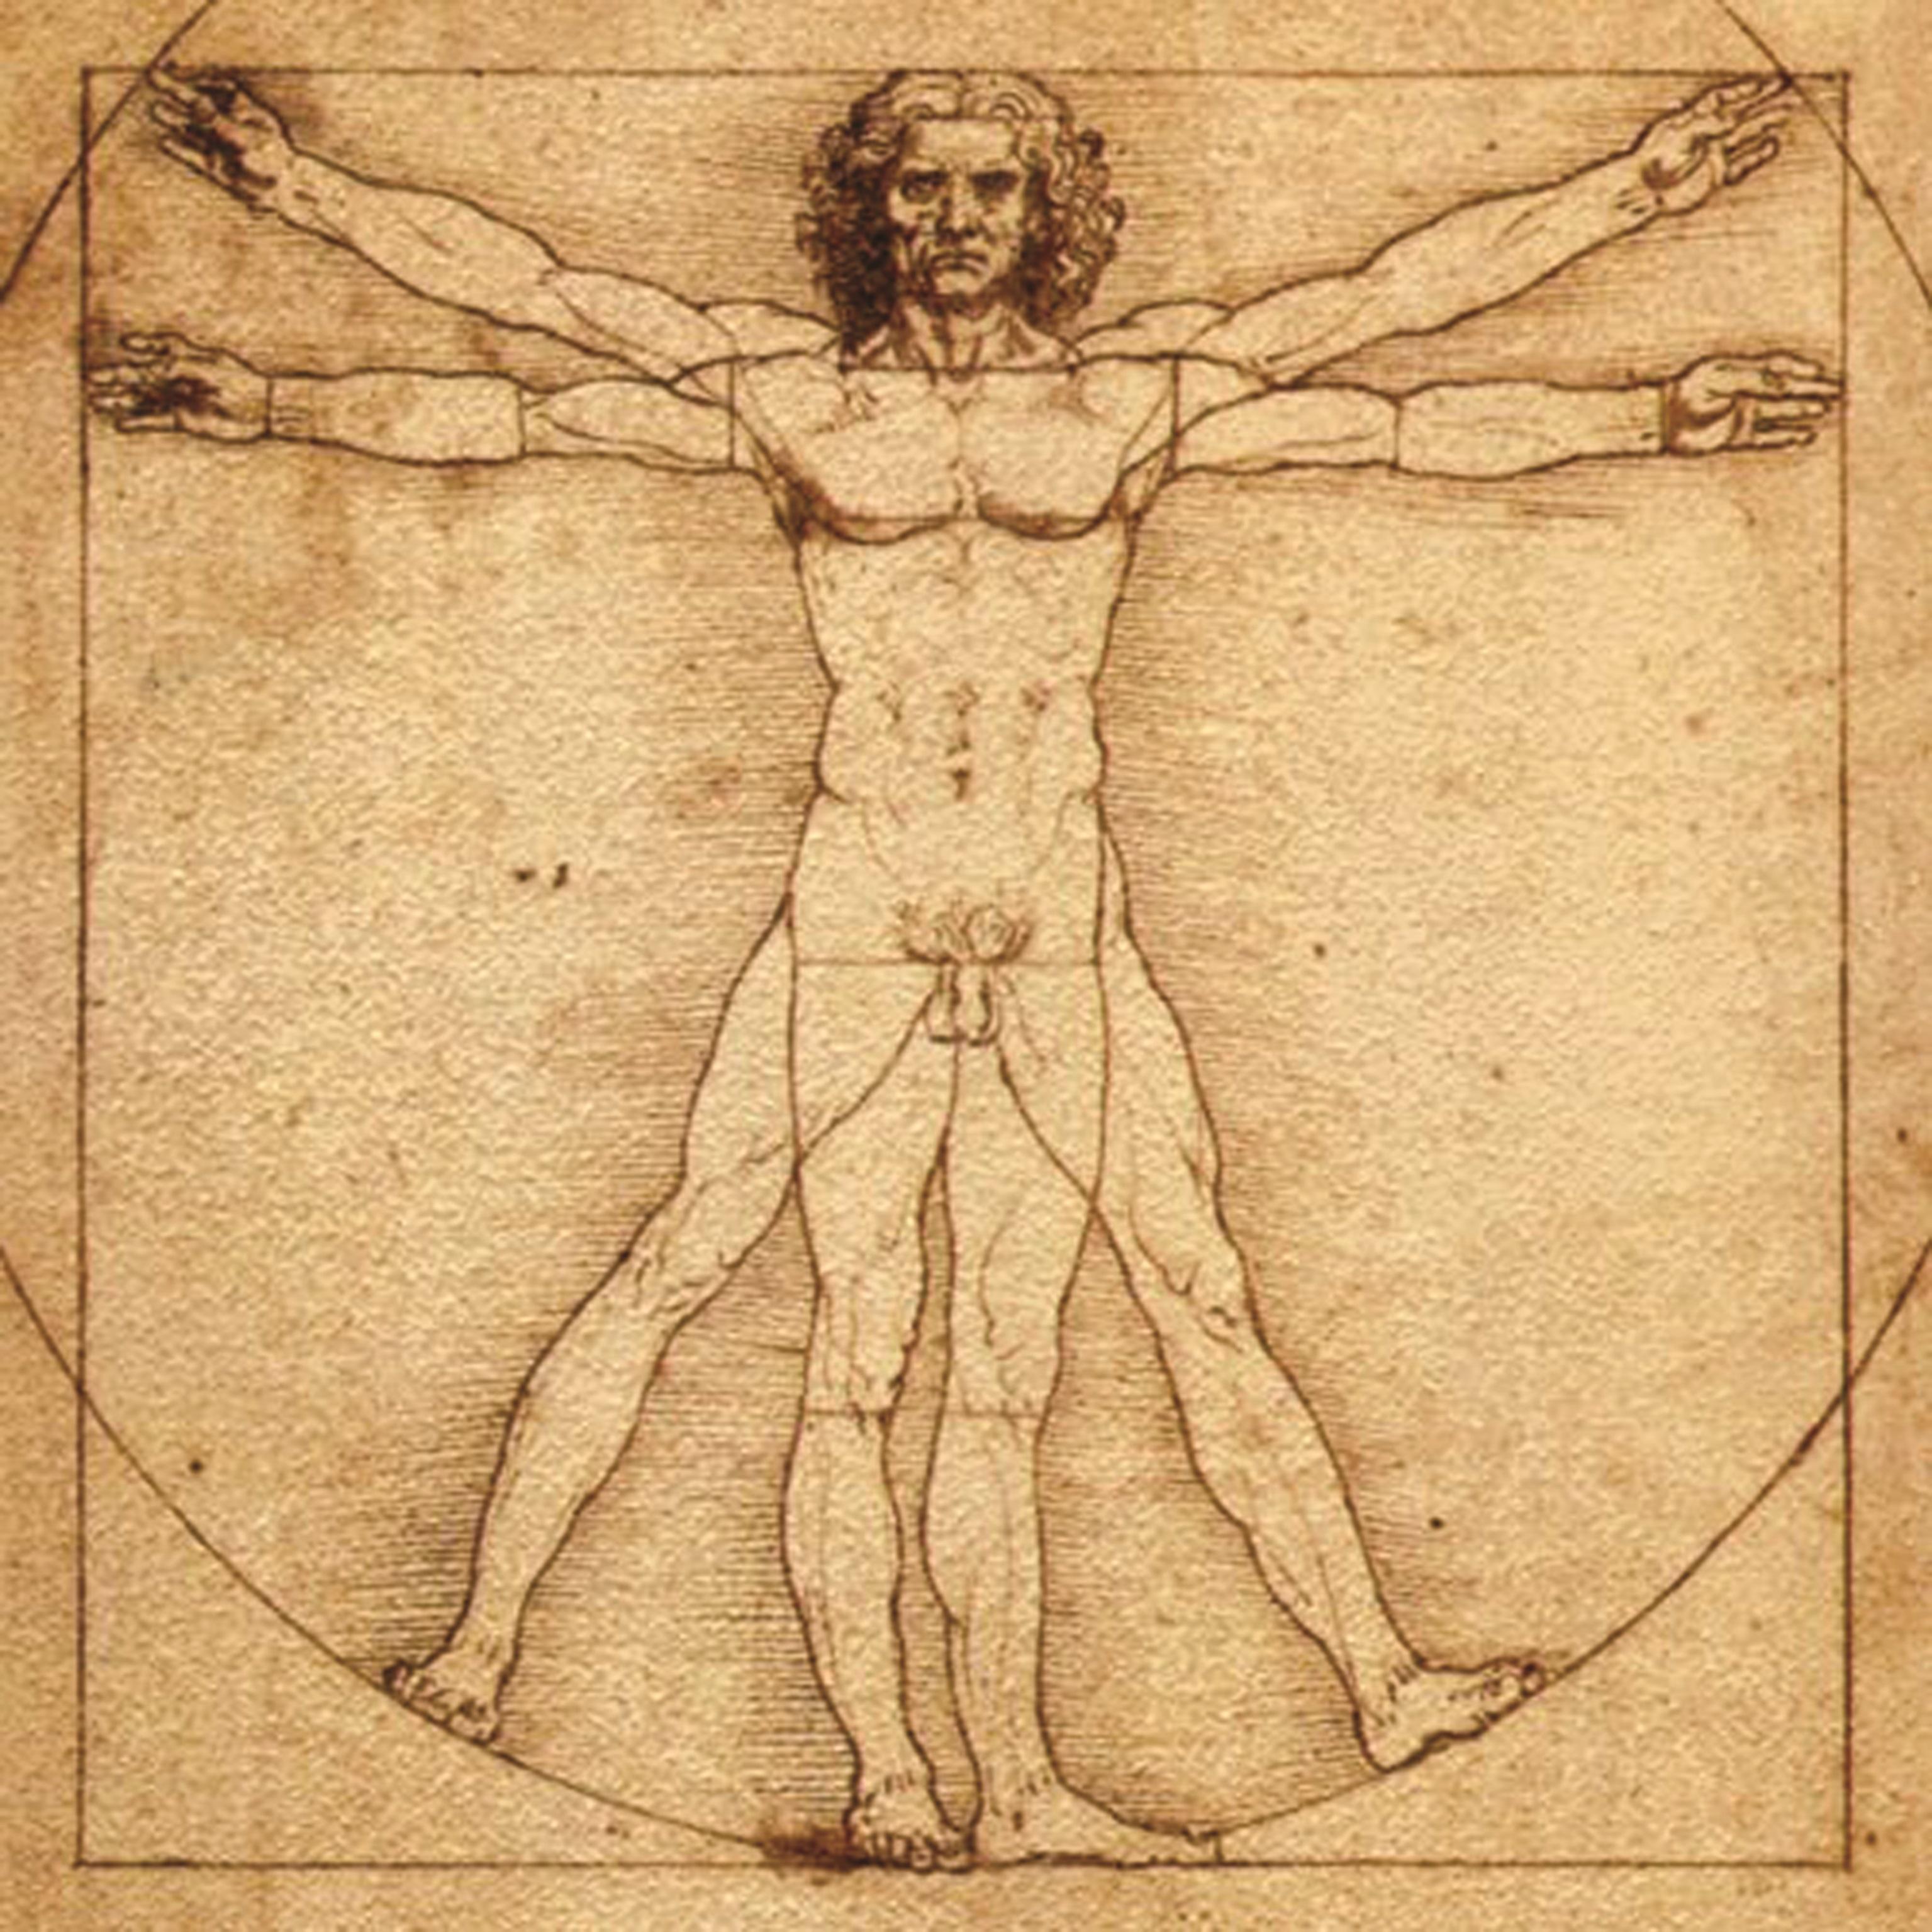 tenă în corpul uman)